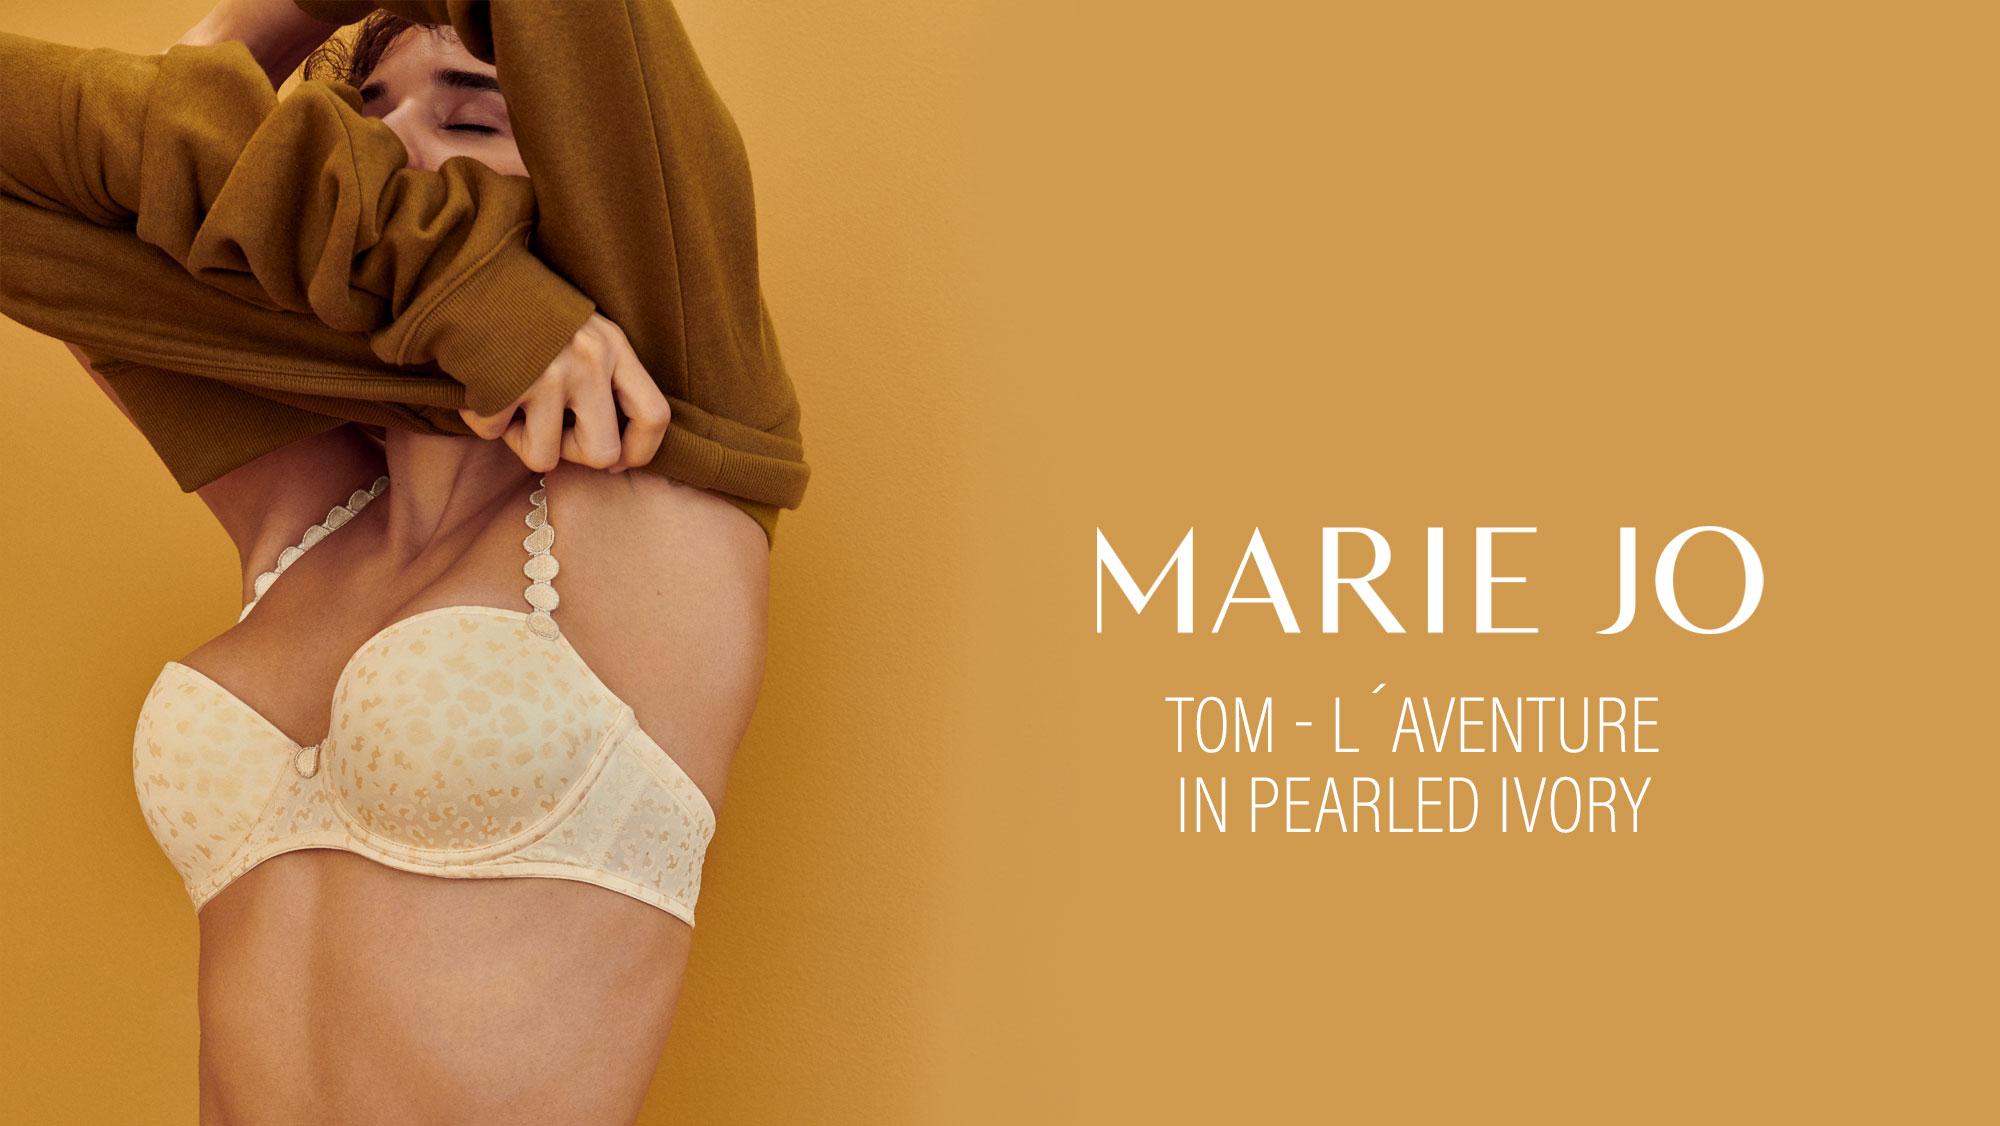 Marie Jo Tom L'Aventure